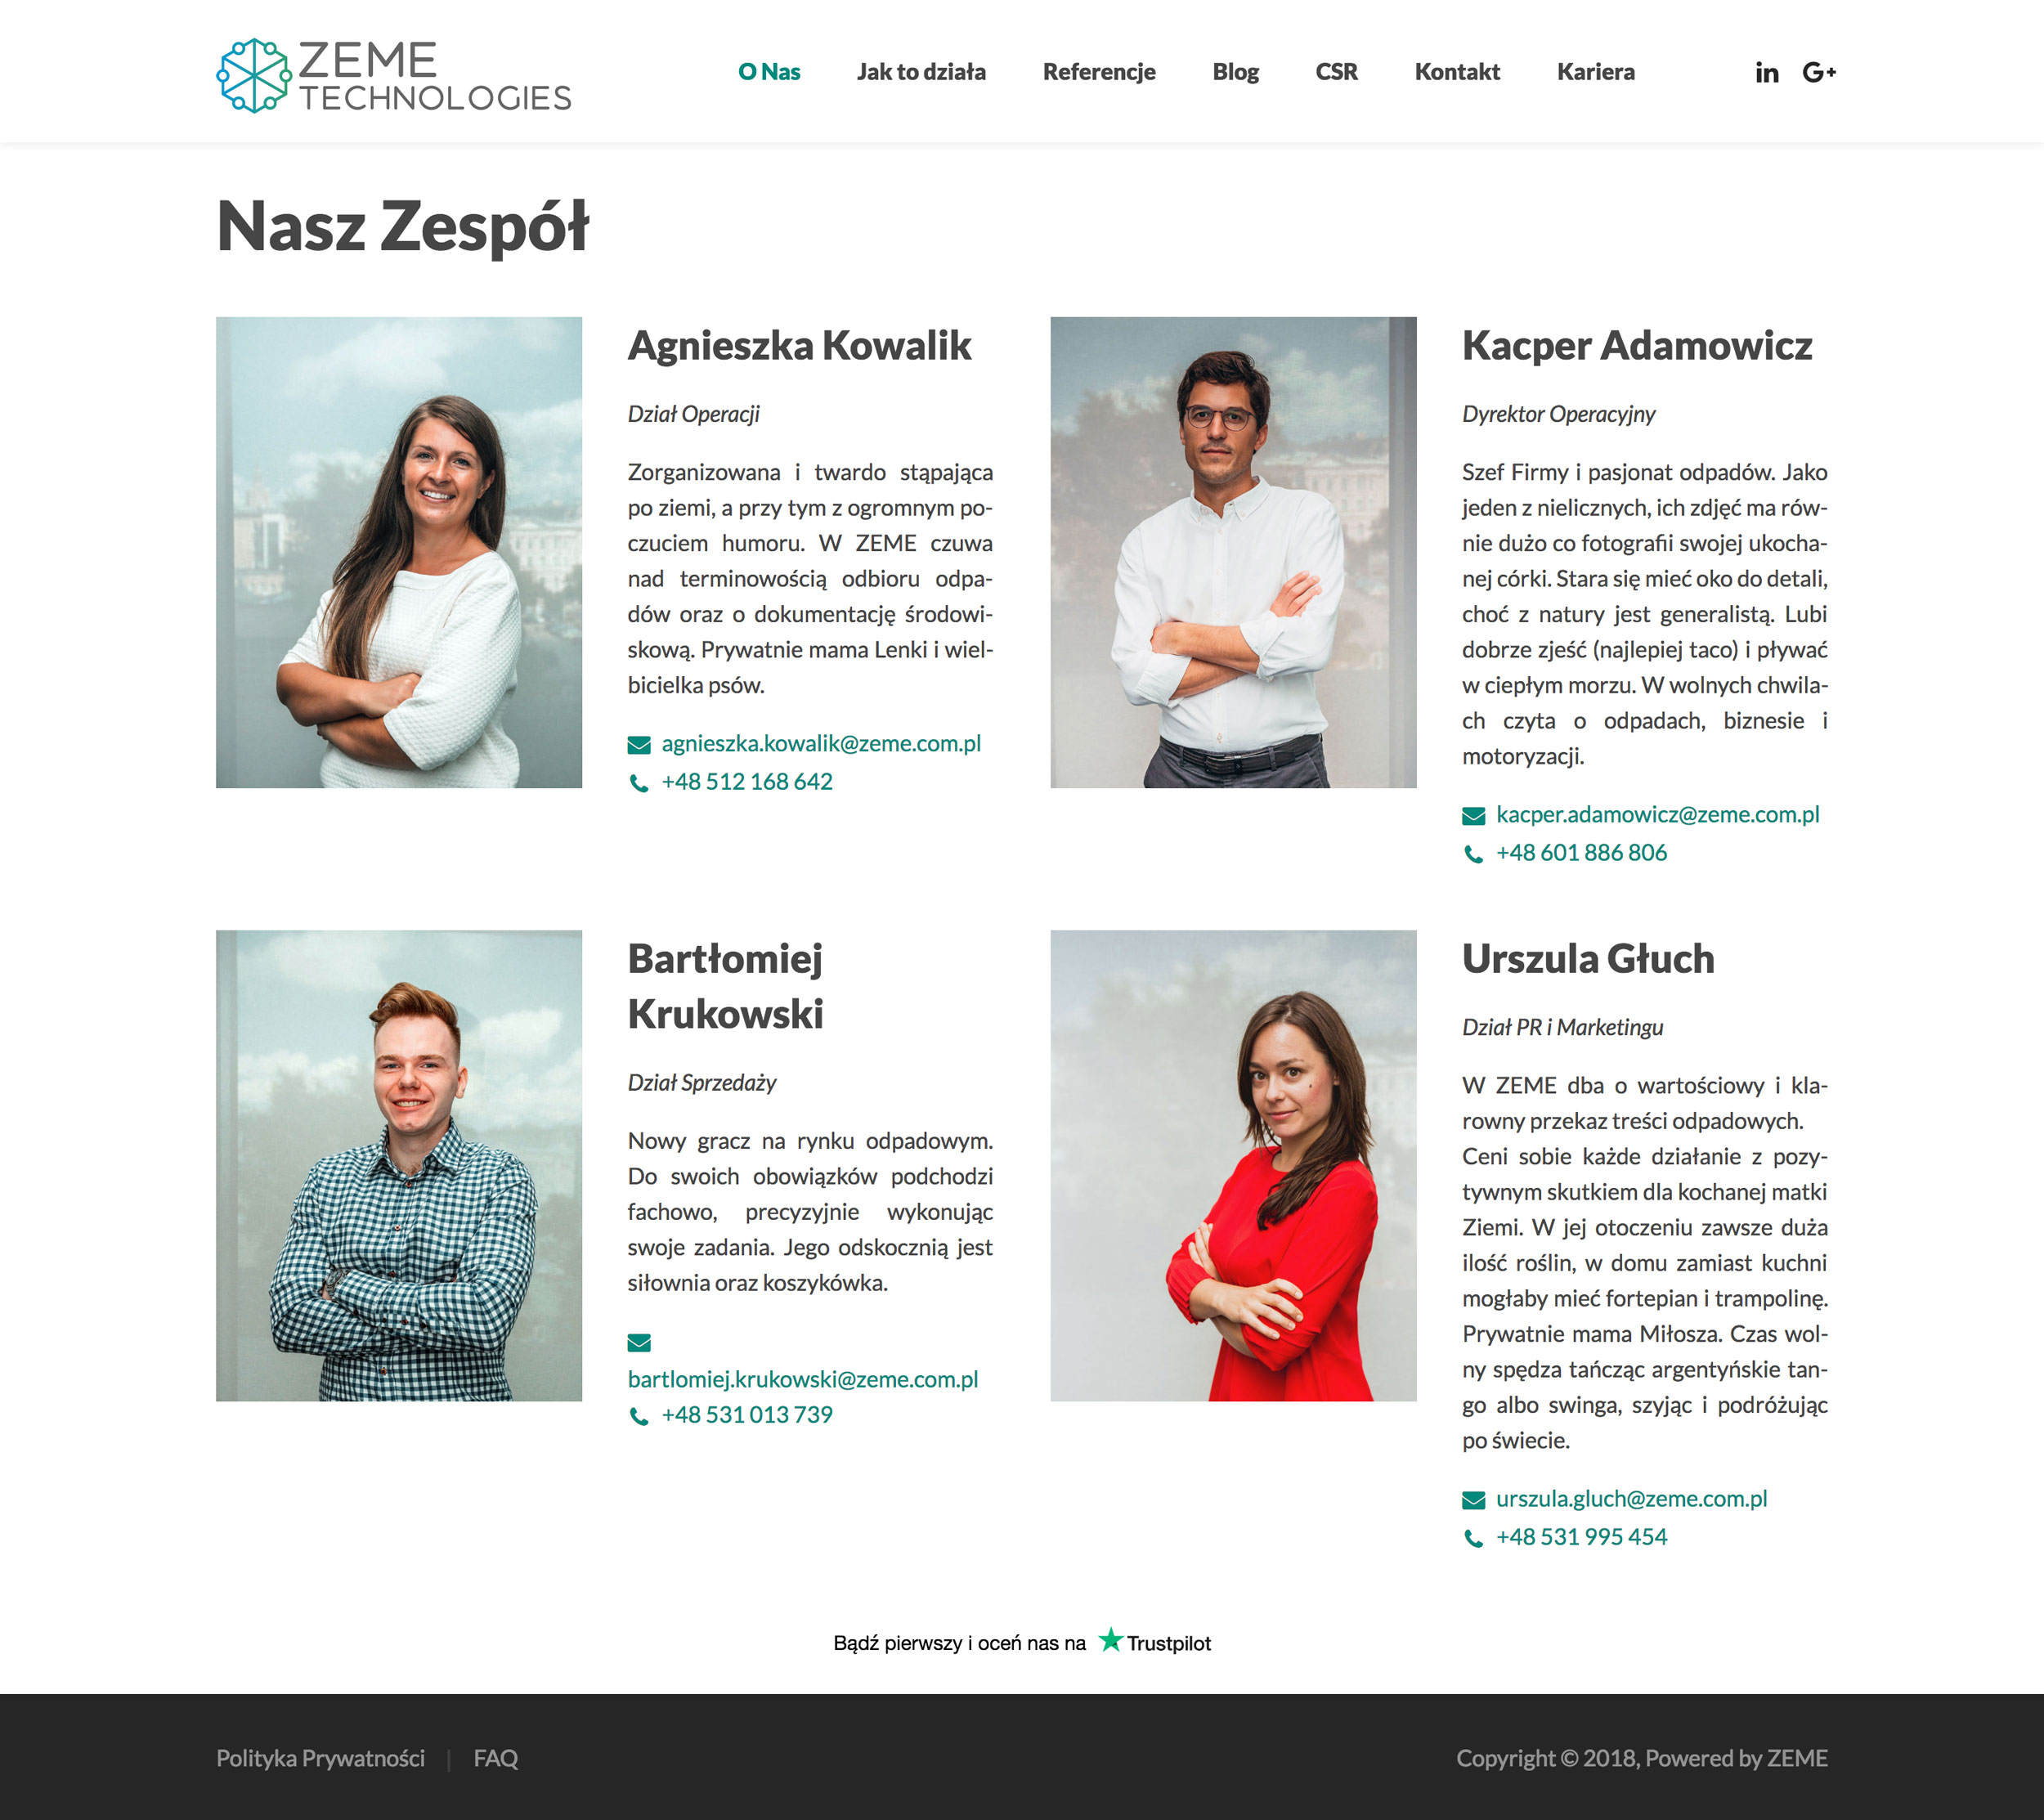 ZEME Technologies - Nasz Zespół